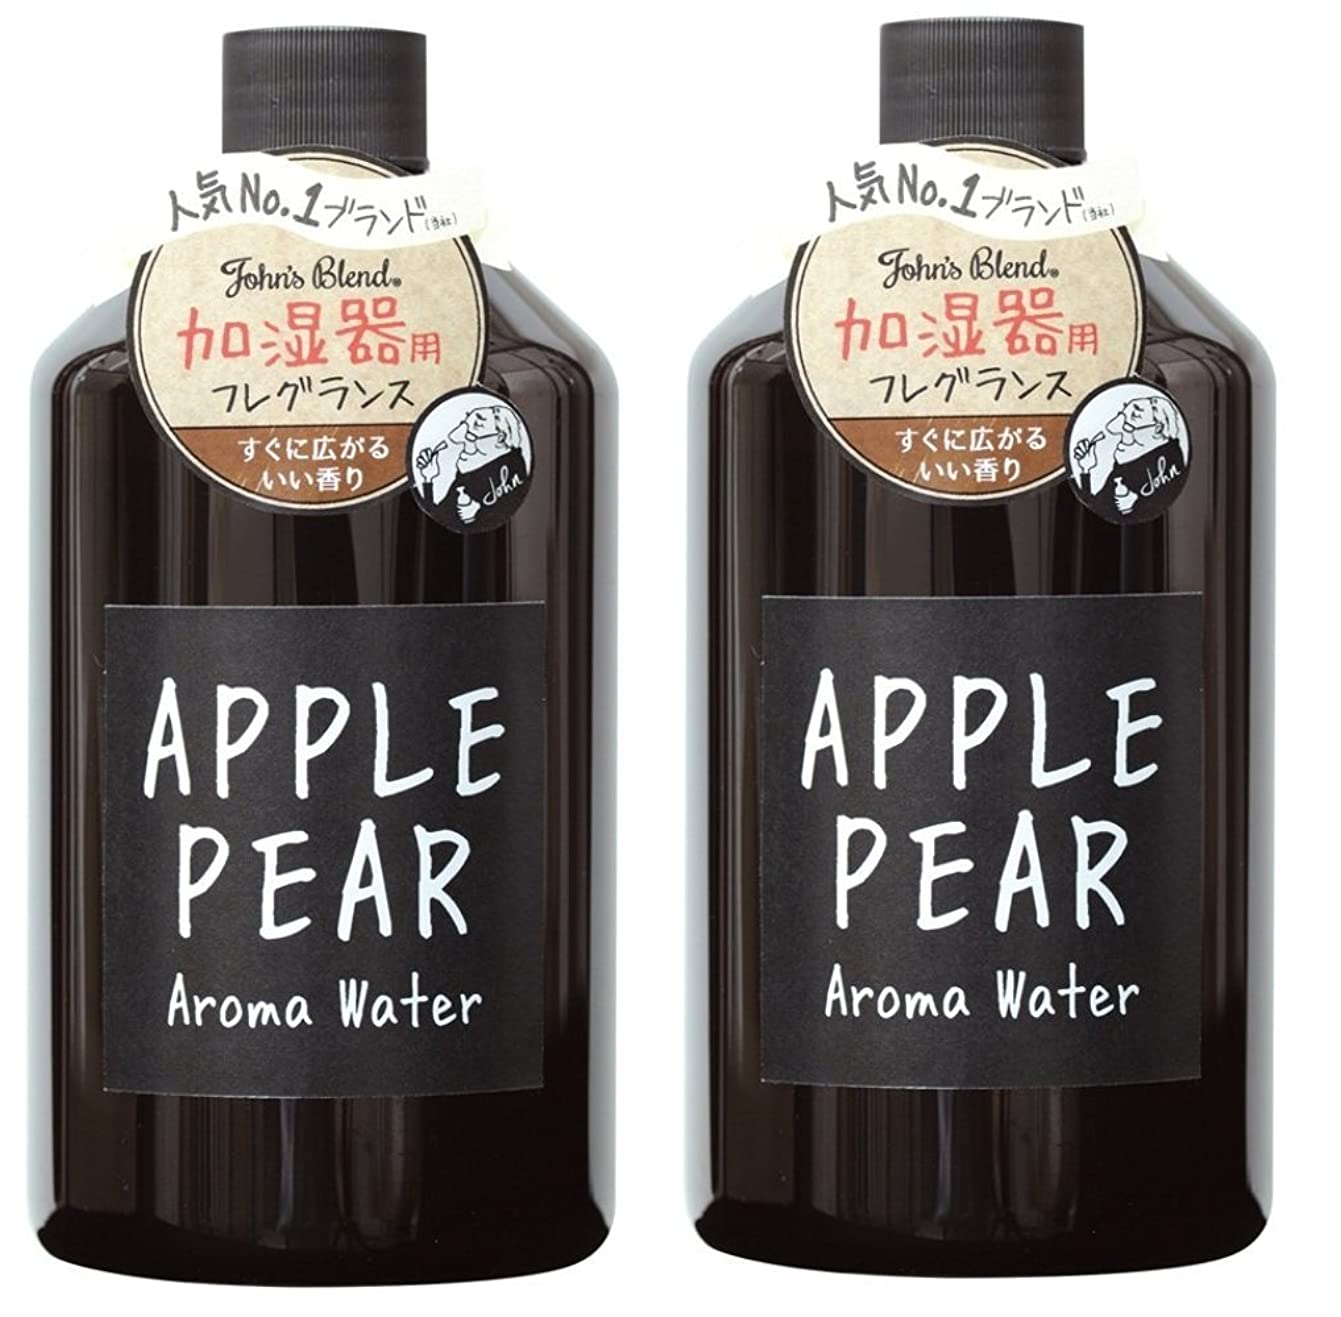 接ぎ木程度特異性【2個セット】Johns Blend アロマウォーター 加湿器 用 480ml アップルペアー の香り OA-JON-7-4